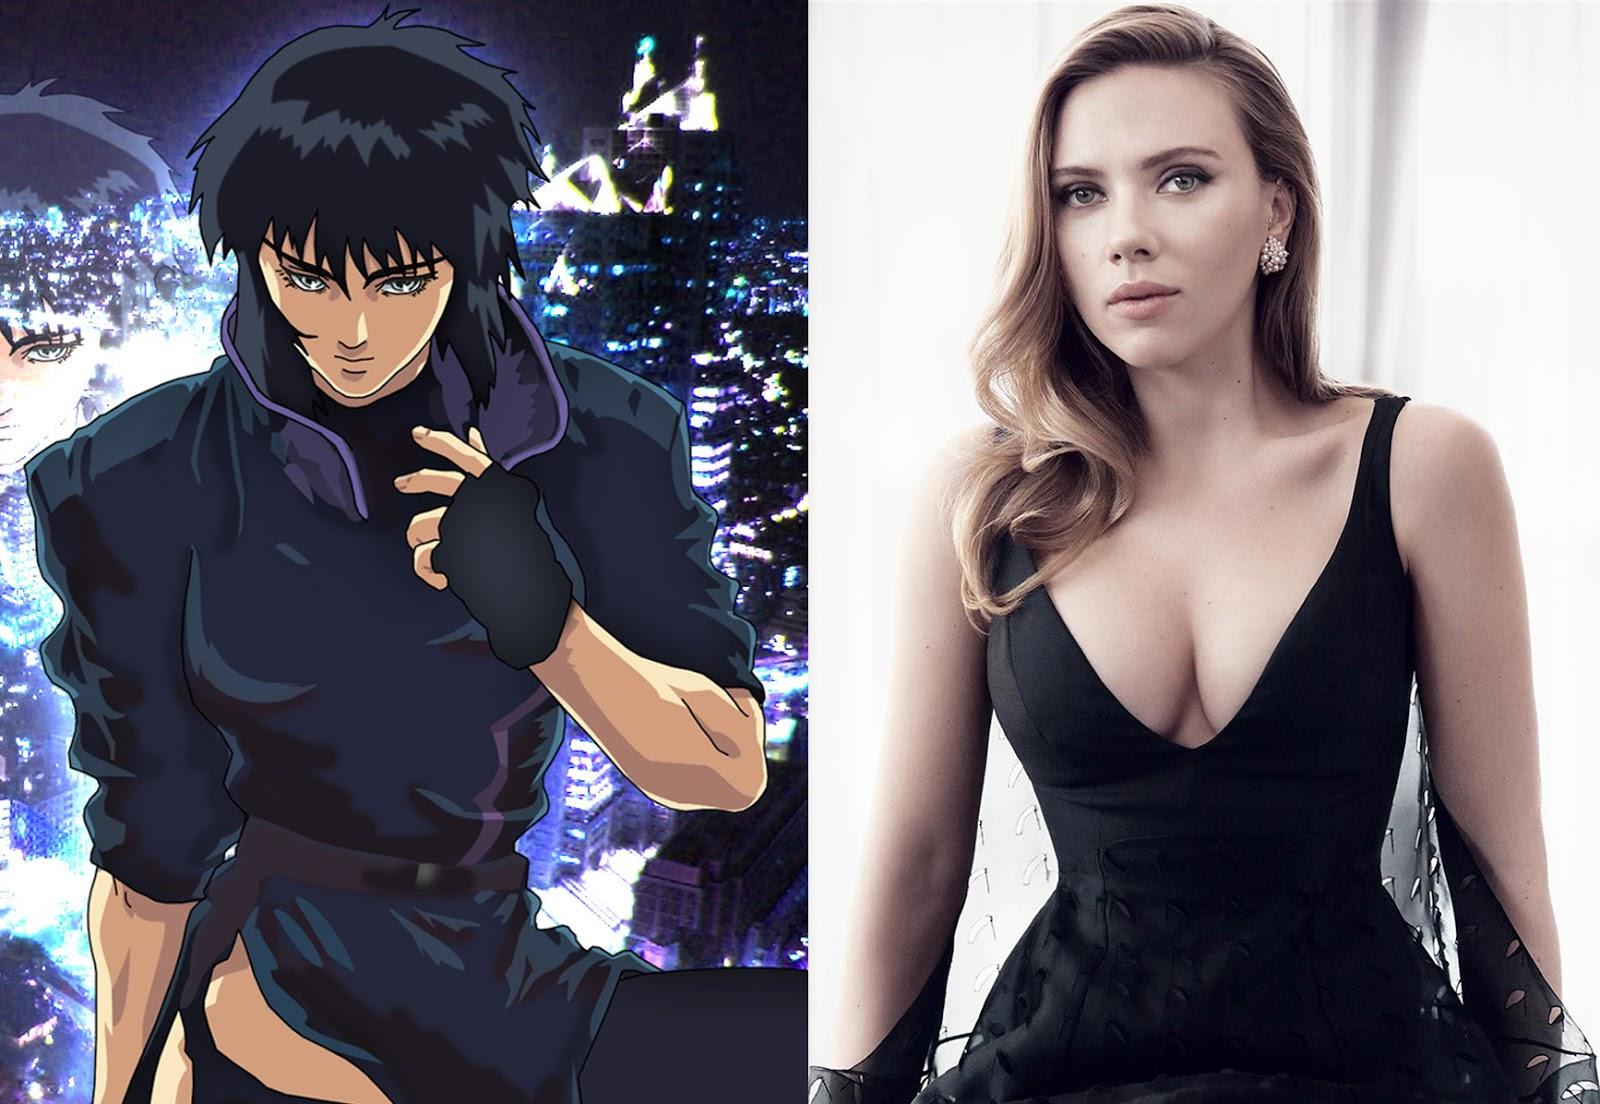 【速報】ハリウッド映画版 攻殻機動隊 草薙素子役にスカーレット・ジョハンソンが決定 ギャラ12億